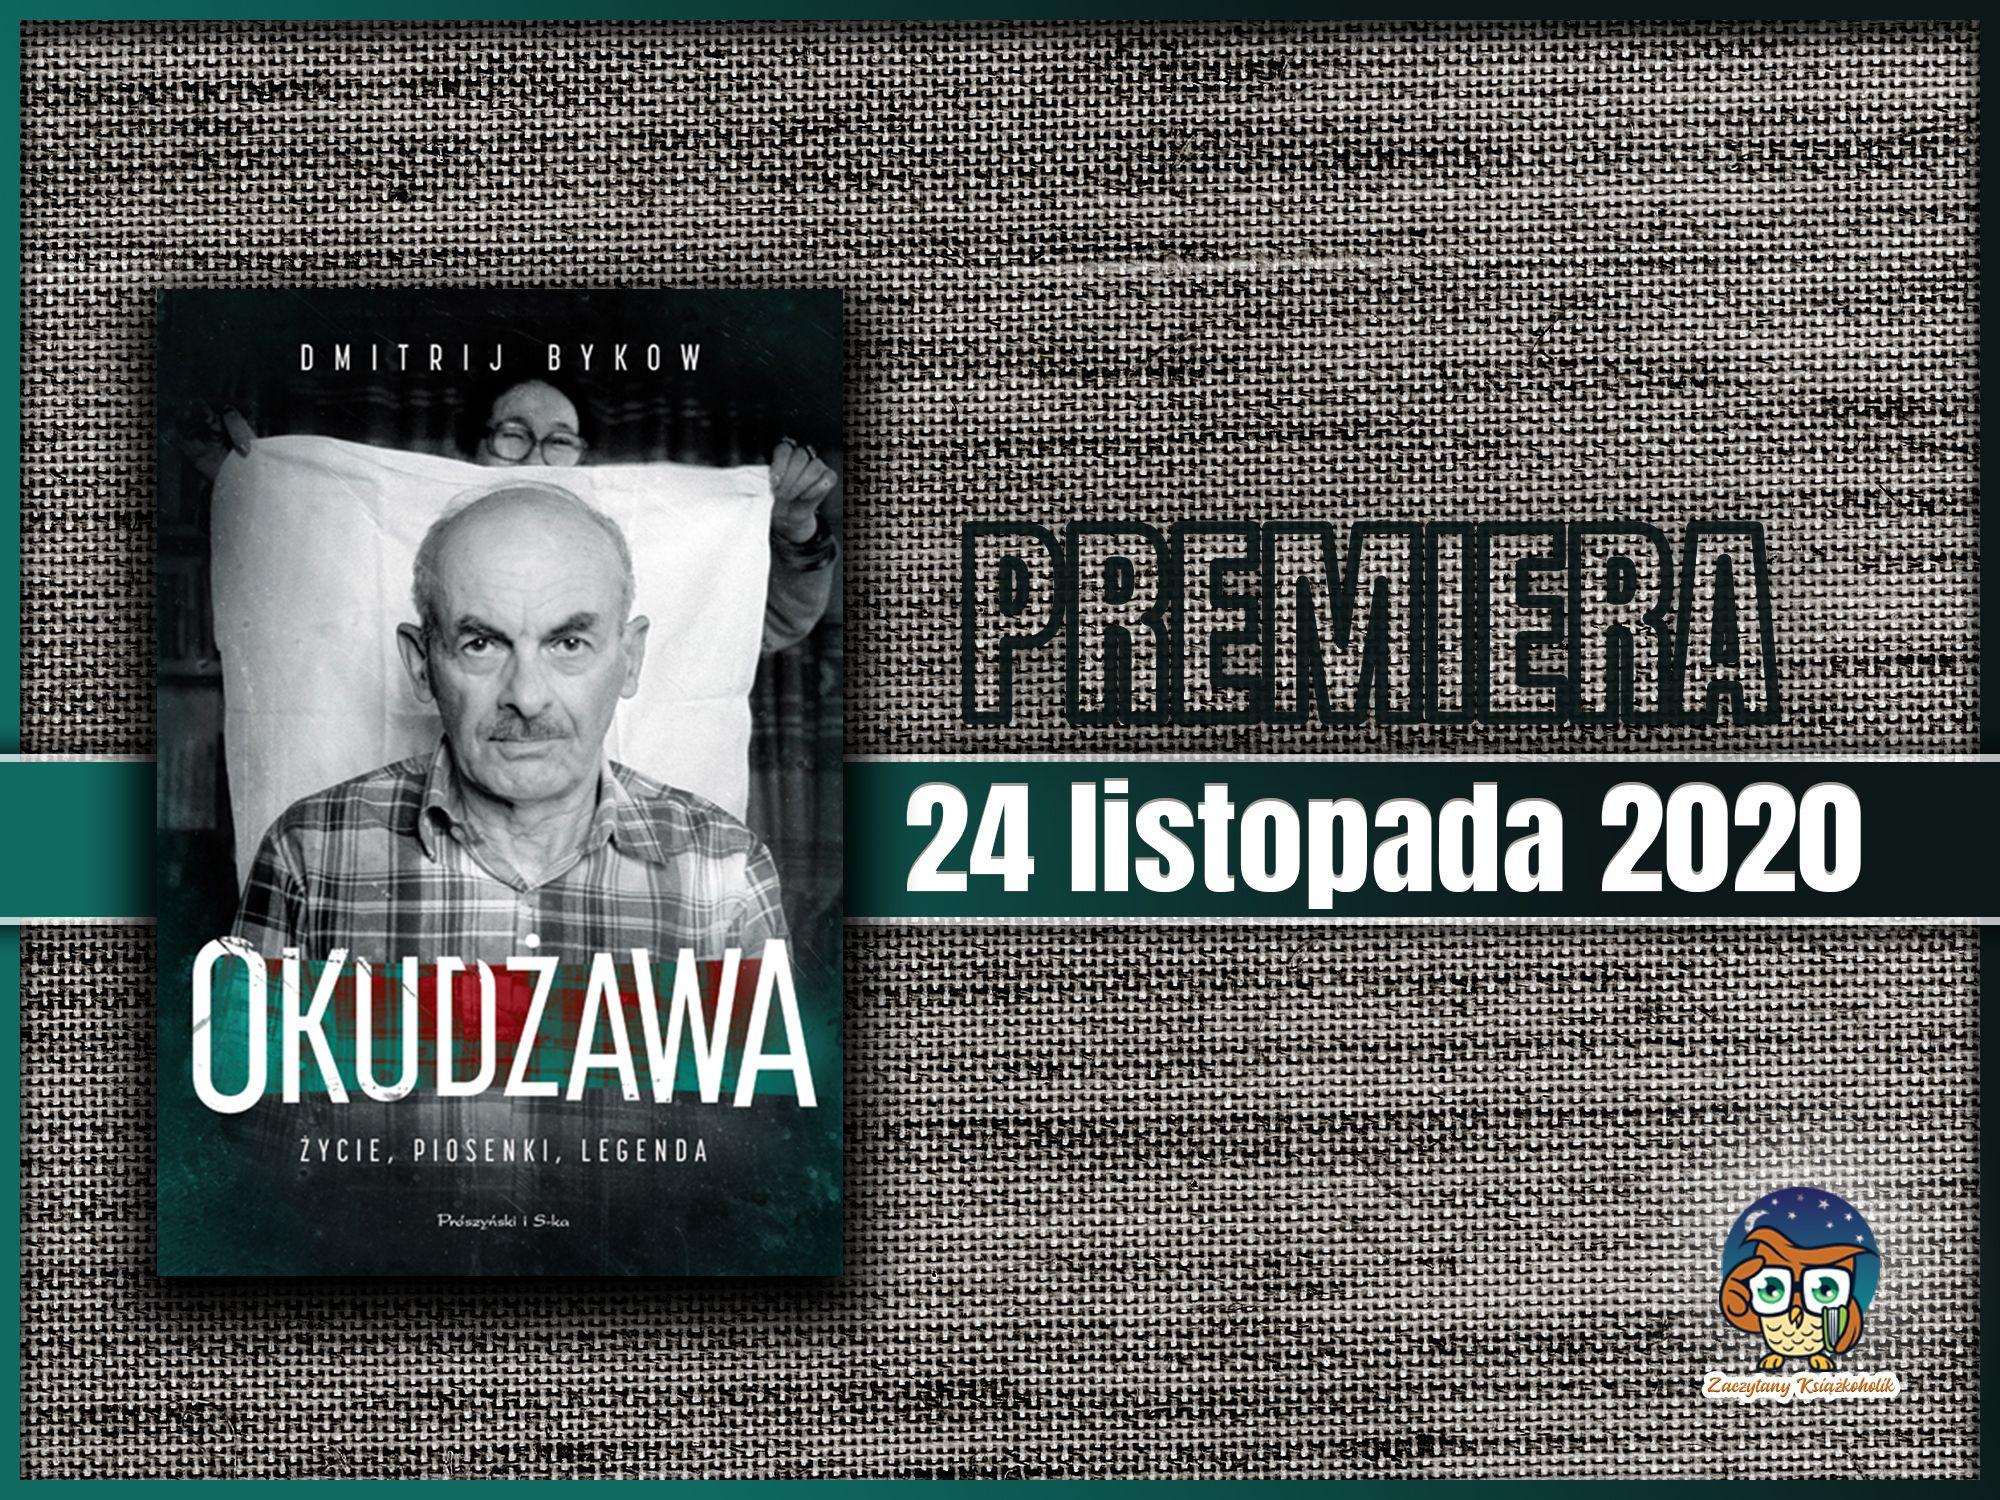 Okudżawa, Dmitrij Bykow, zaczytanyksiazkoholik.pl